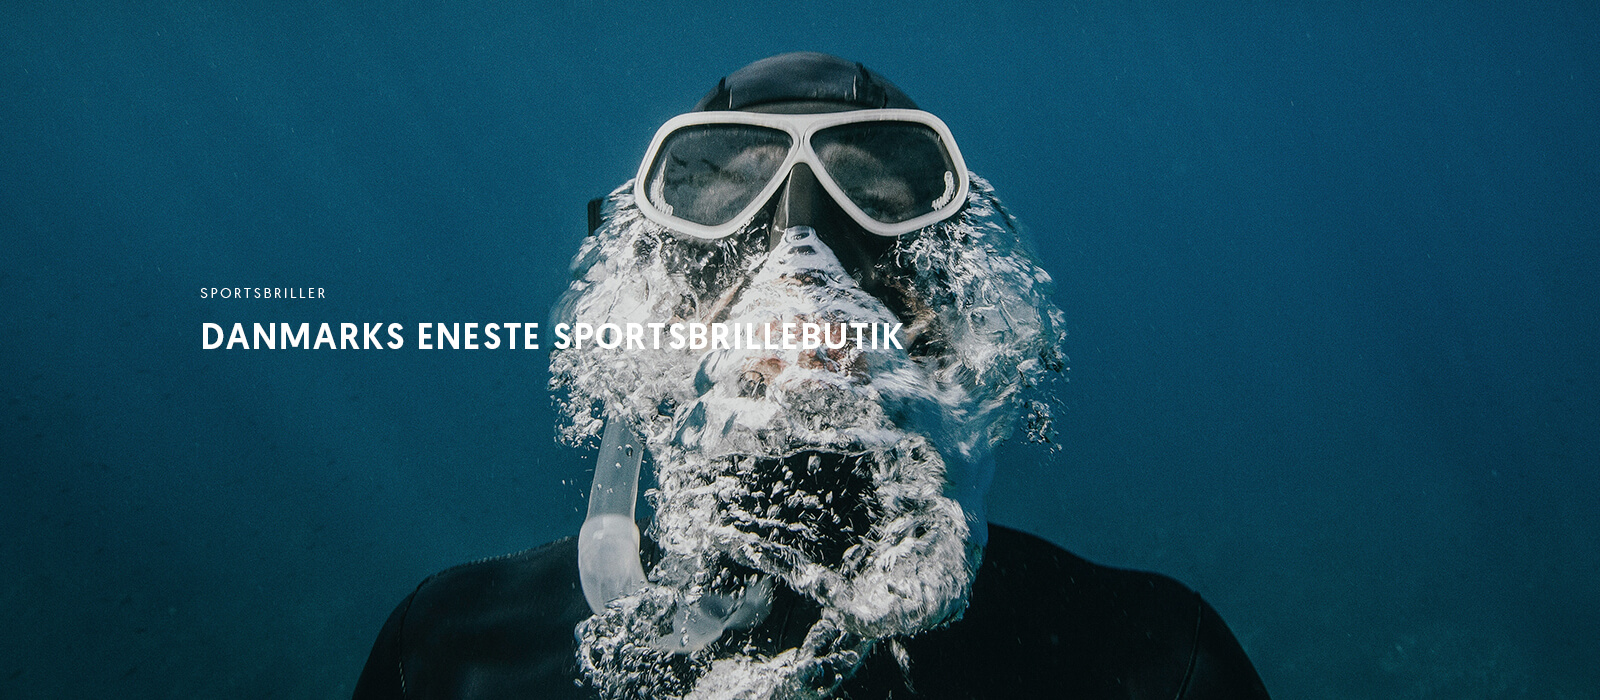 sportsbtiller dykker frederiksberg optik bred